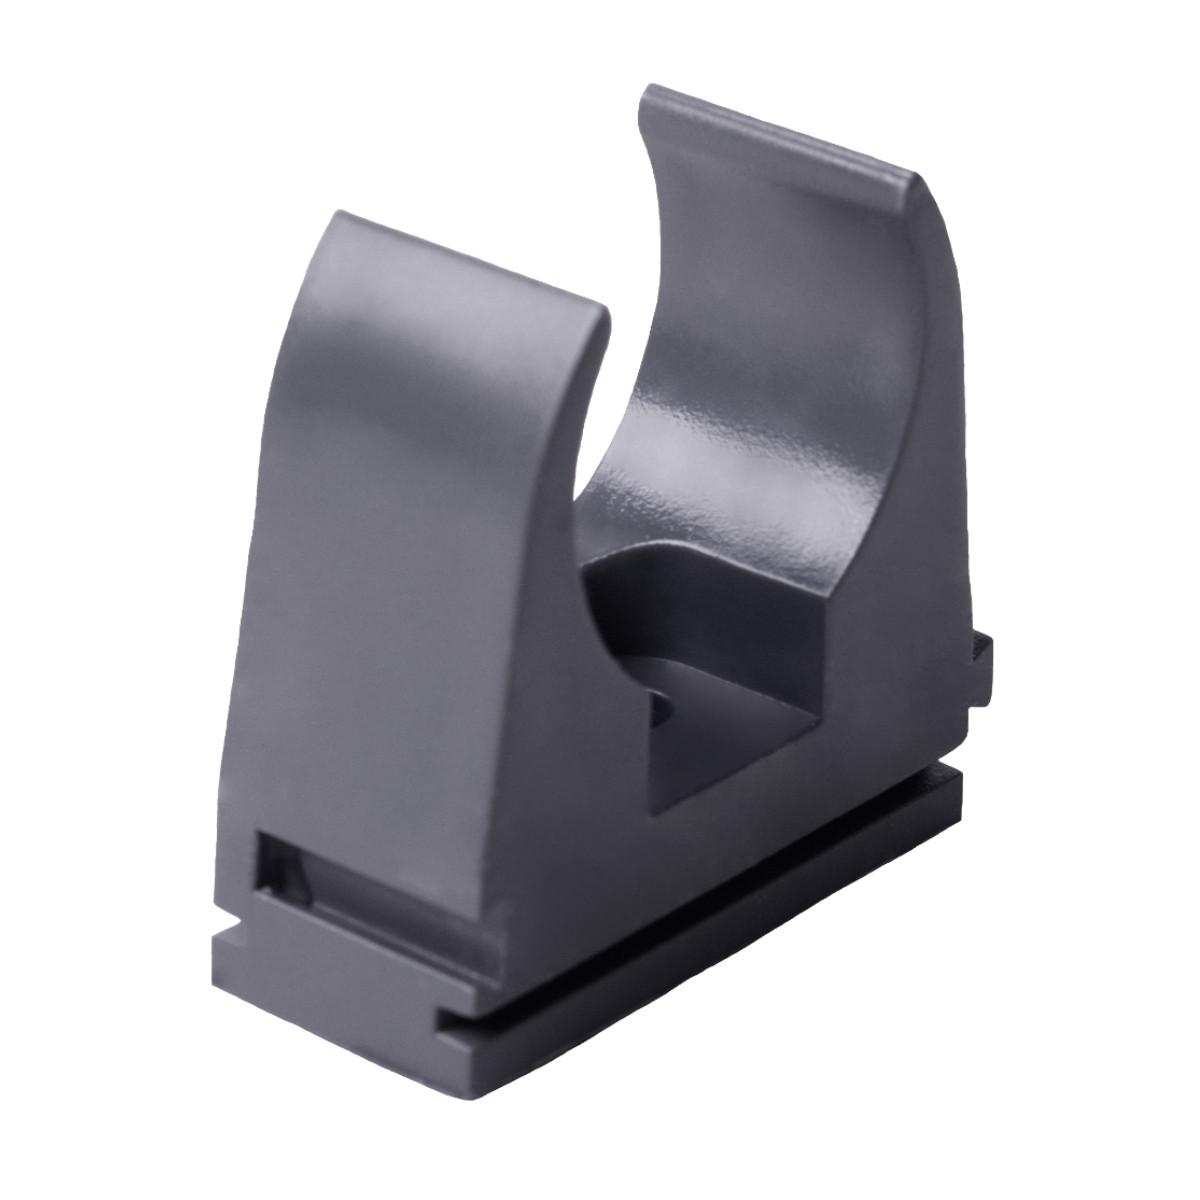 Кріплення труби 40 мм ; Ø40мм; ПВХ;; t застосування -25+60 °с; темно-сіра; Упаковка 10 шт